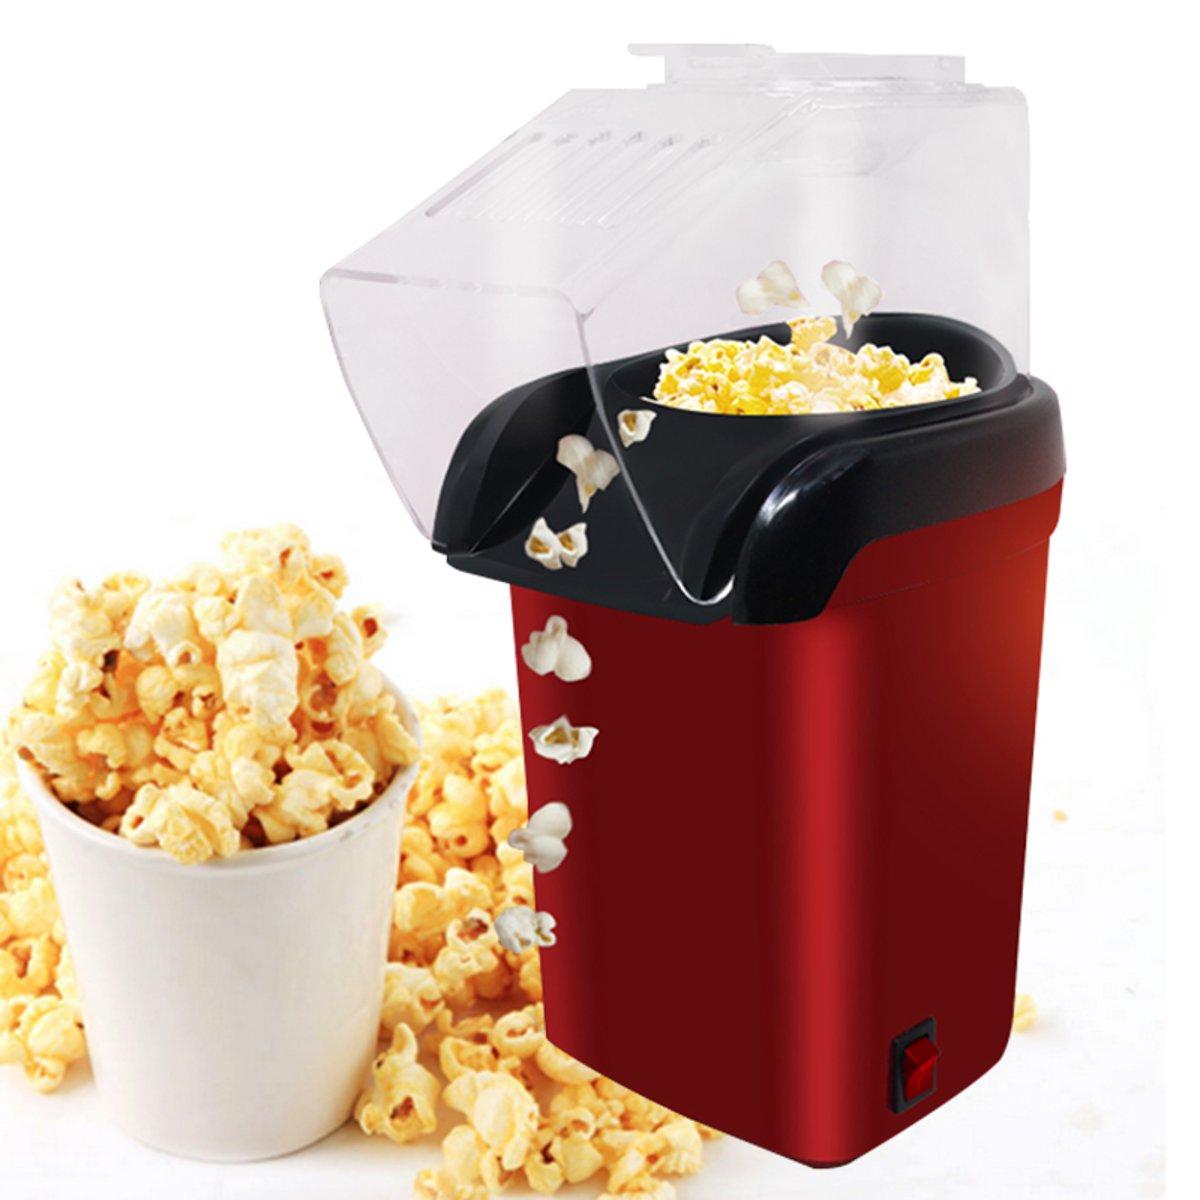 МиниБытоваяЗдоровогоГорячегоВоздухаБез Масла Popcorn Maker Домашняя Кухня Машина Набор